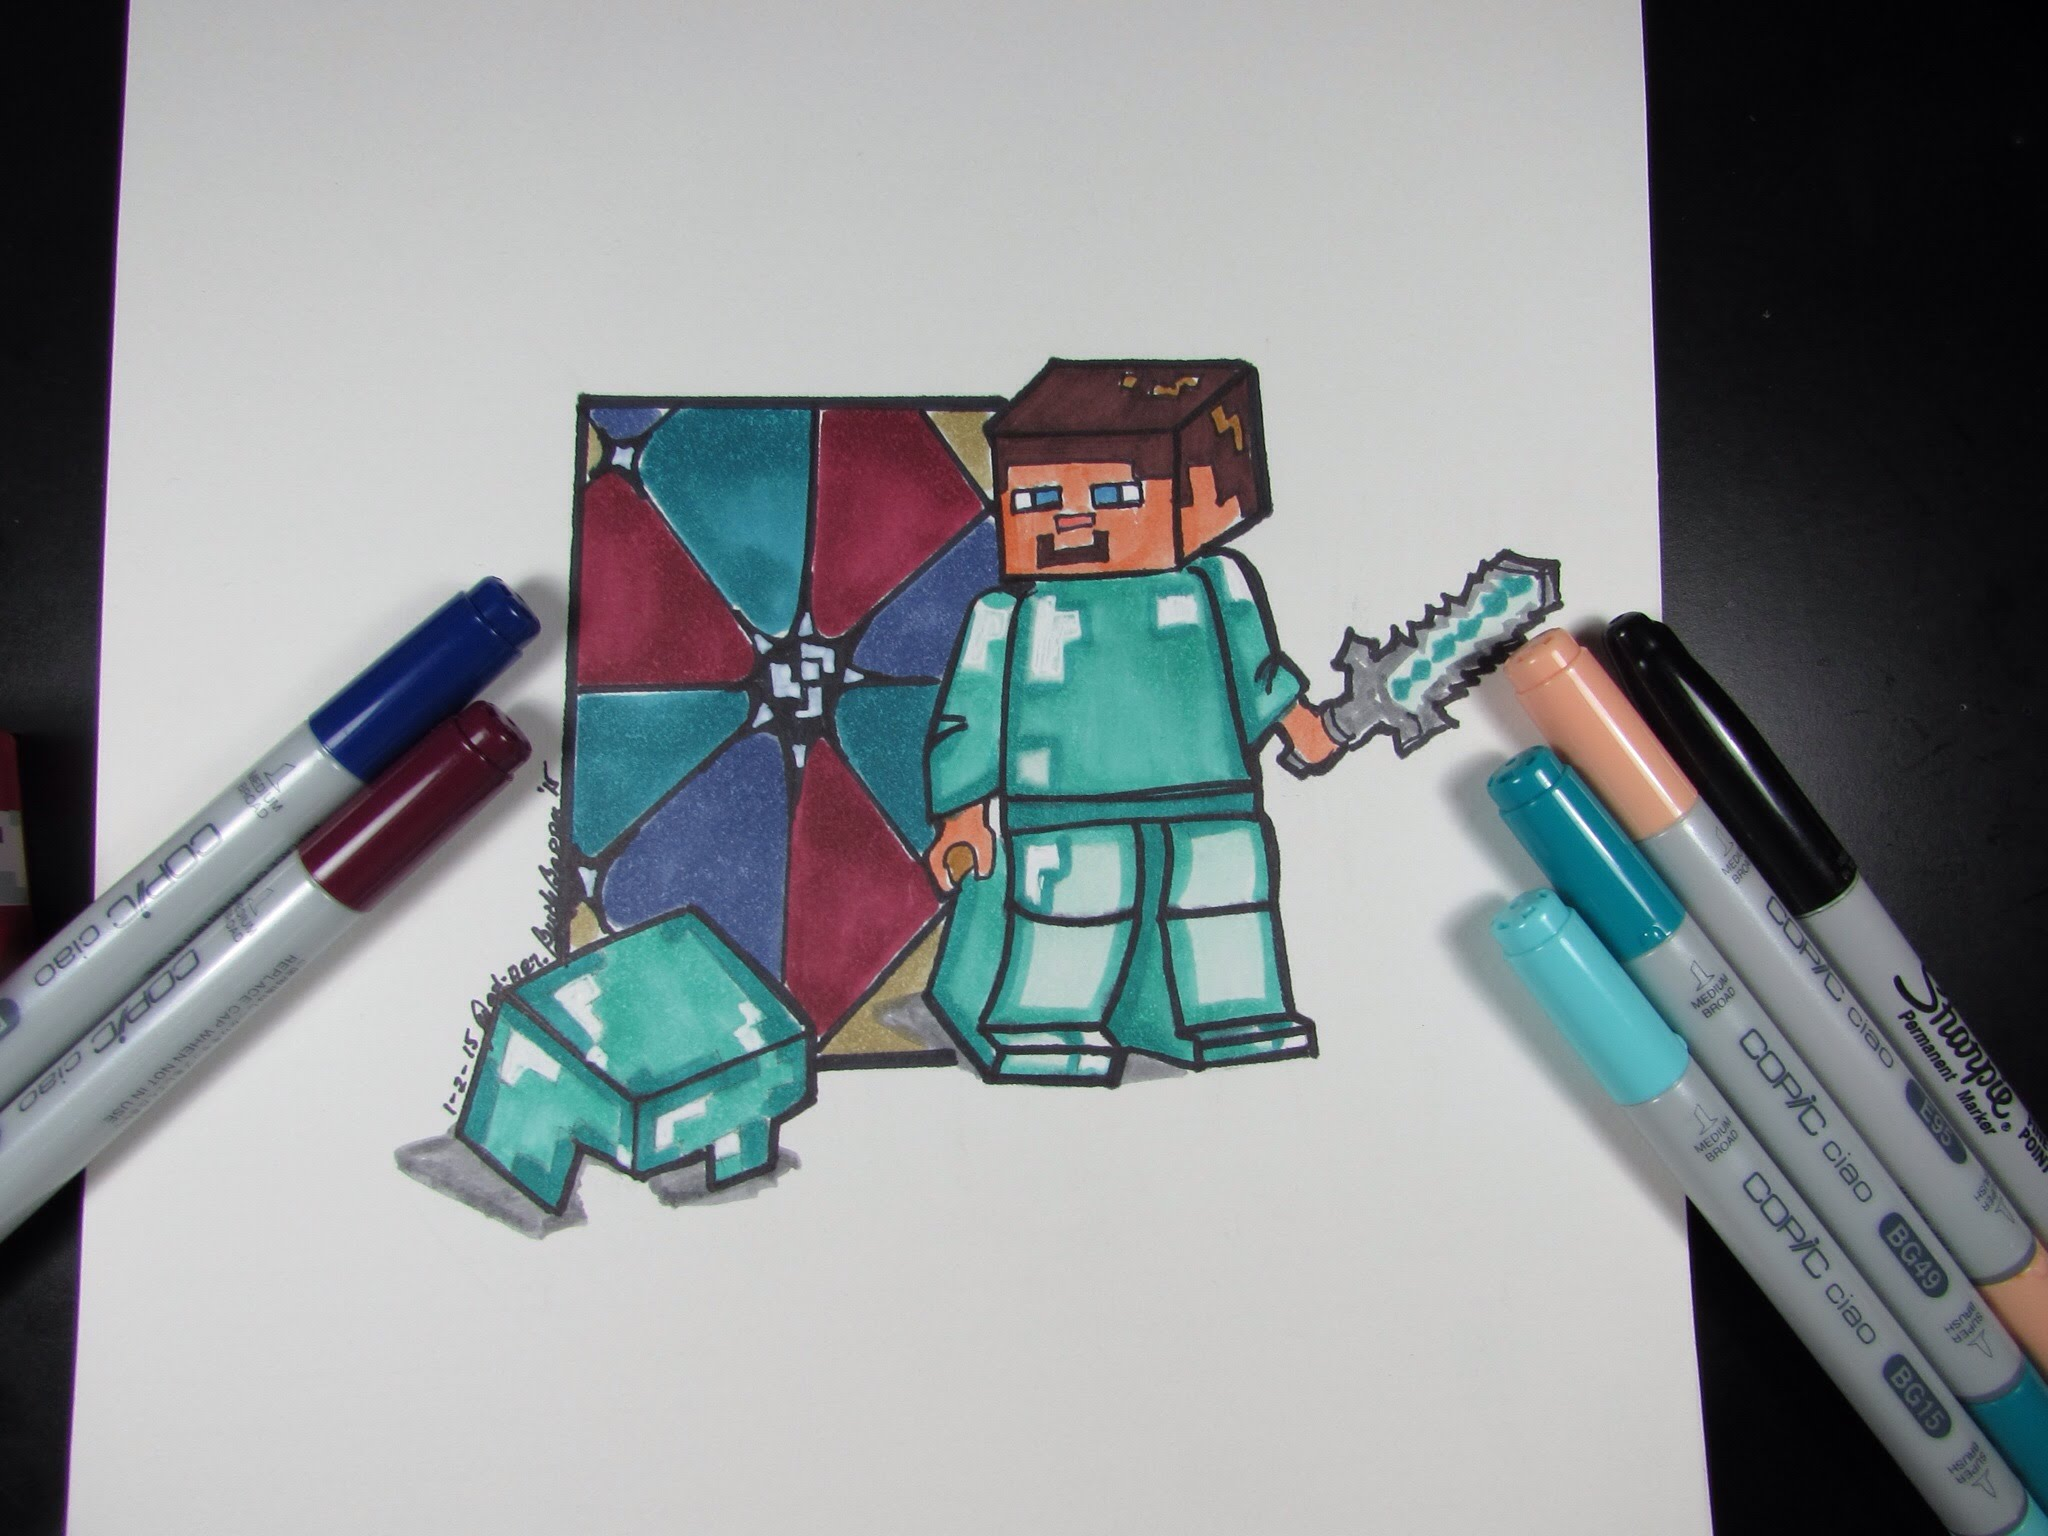 2048x1536 How To Draw Minecraft